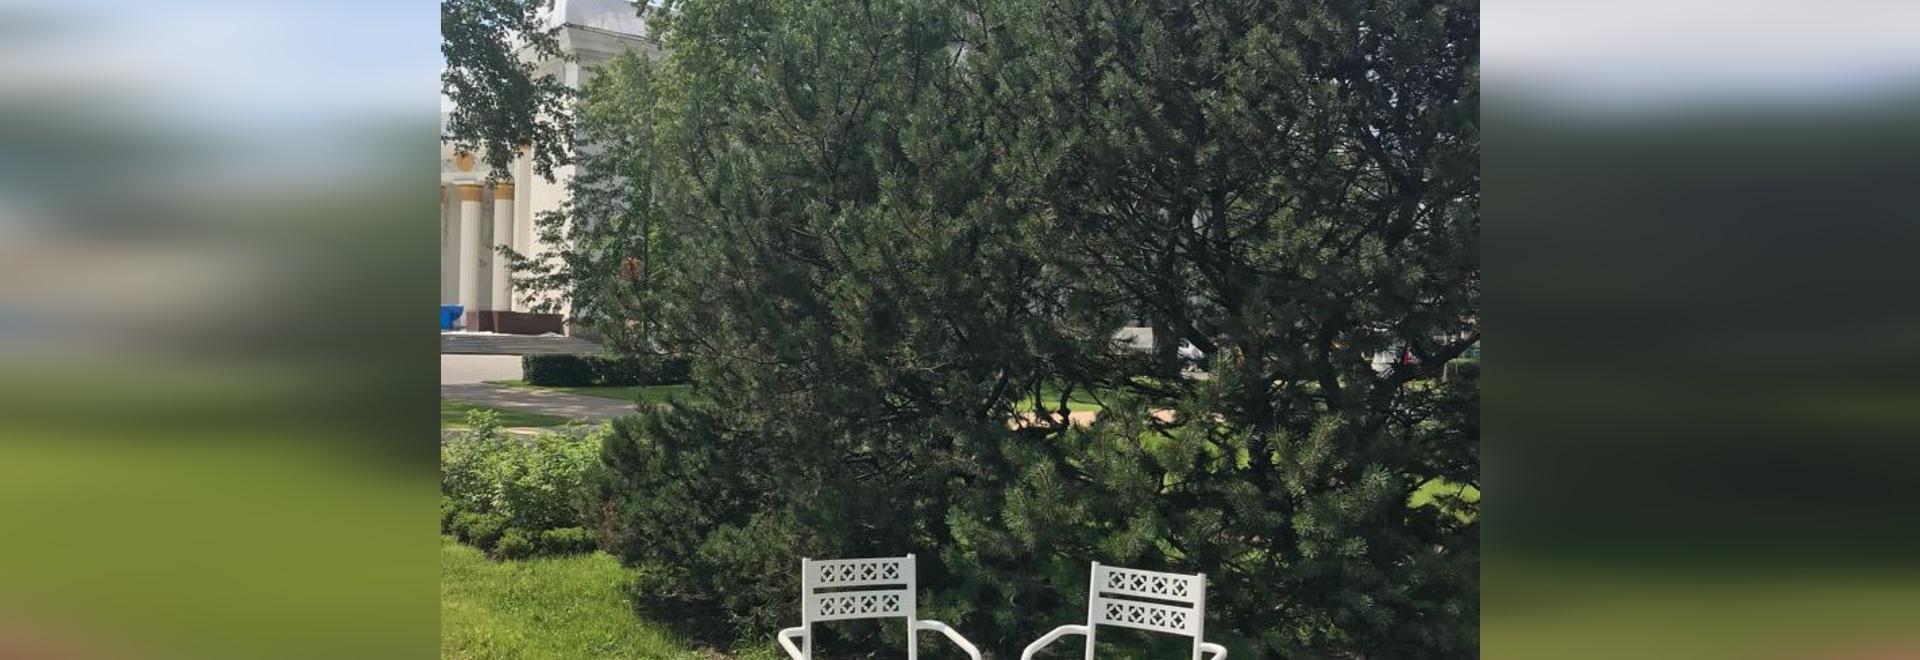 Park in Kazan